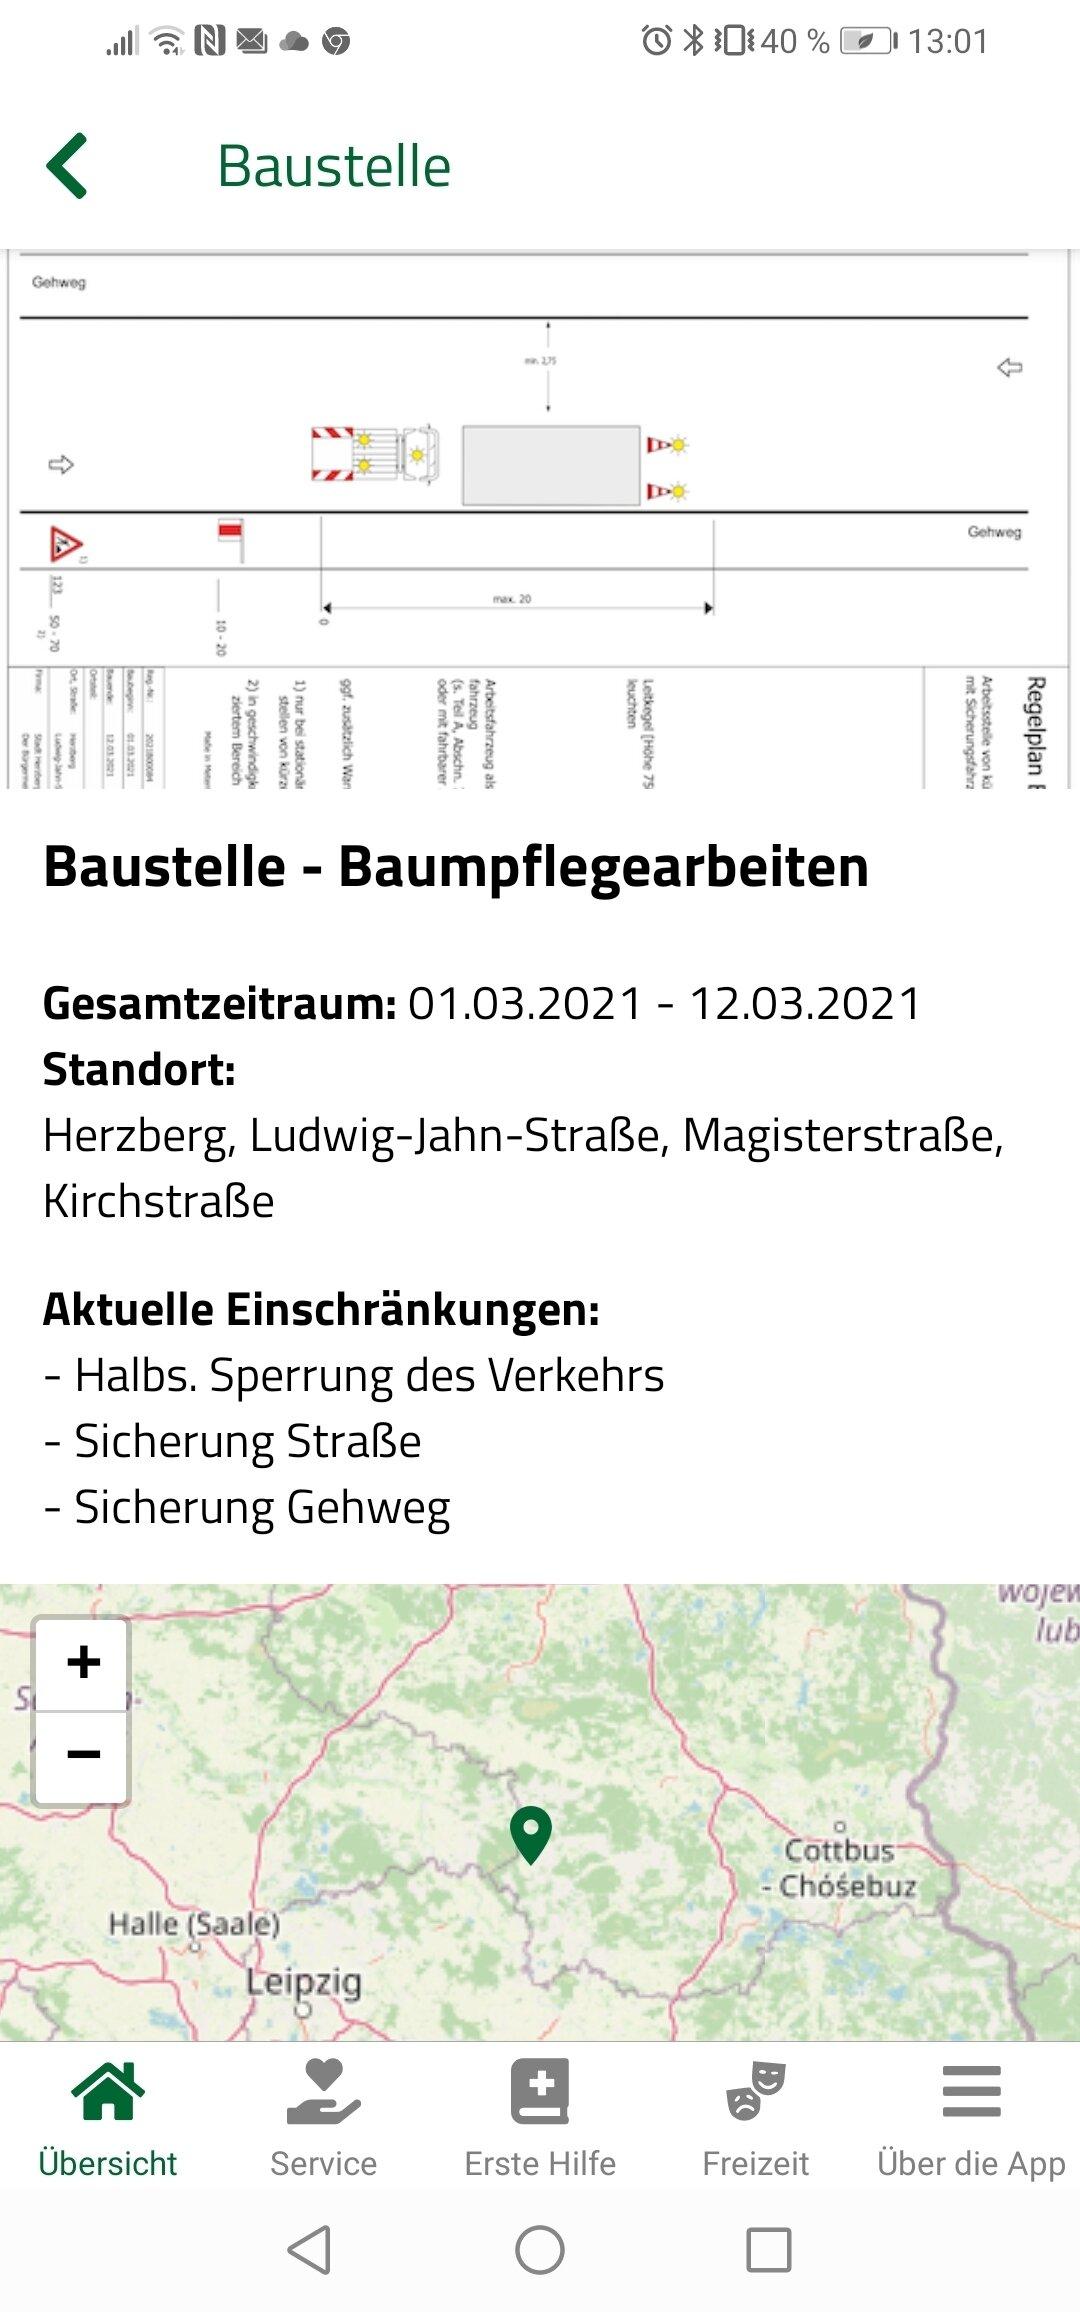 Screenshot_20210228_130110_de.bb.herzbergelster.smartvillage.app